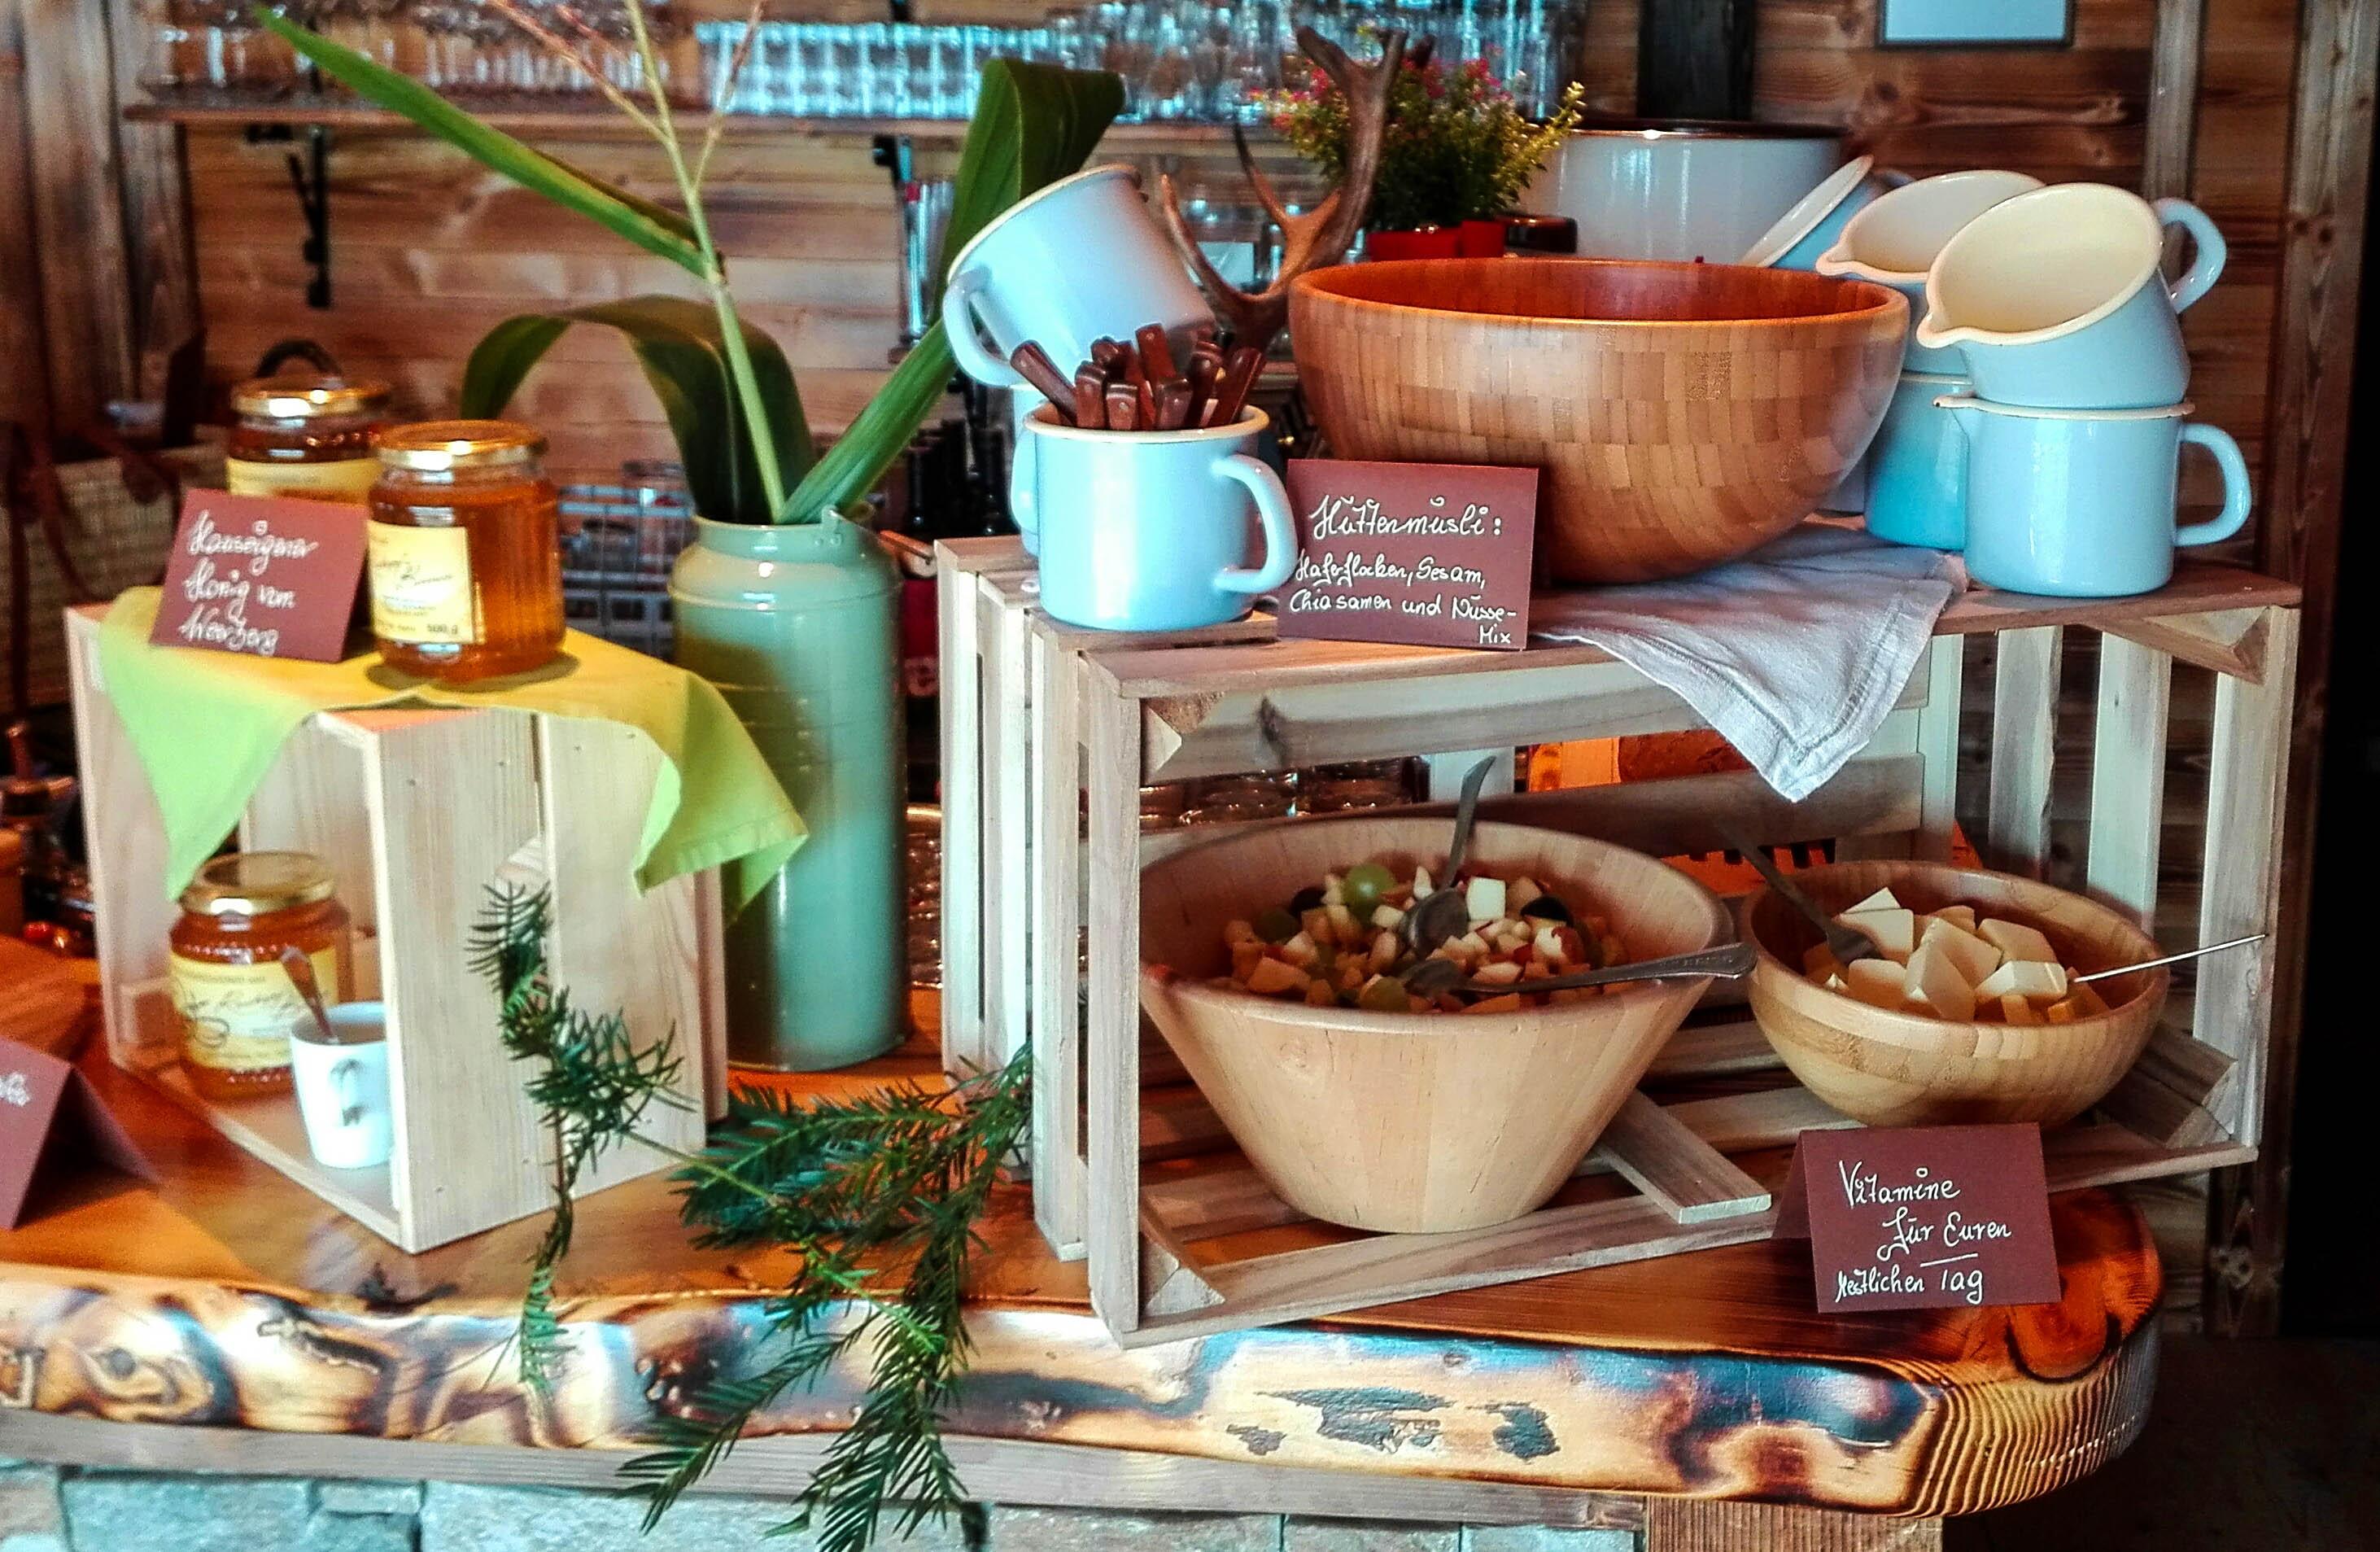 Jeden Sonntag gibts Hüttenfrühstück bei uns in der RachKuchl am Vomperberg